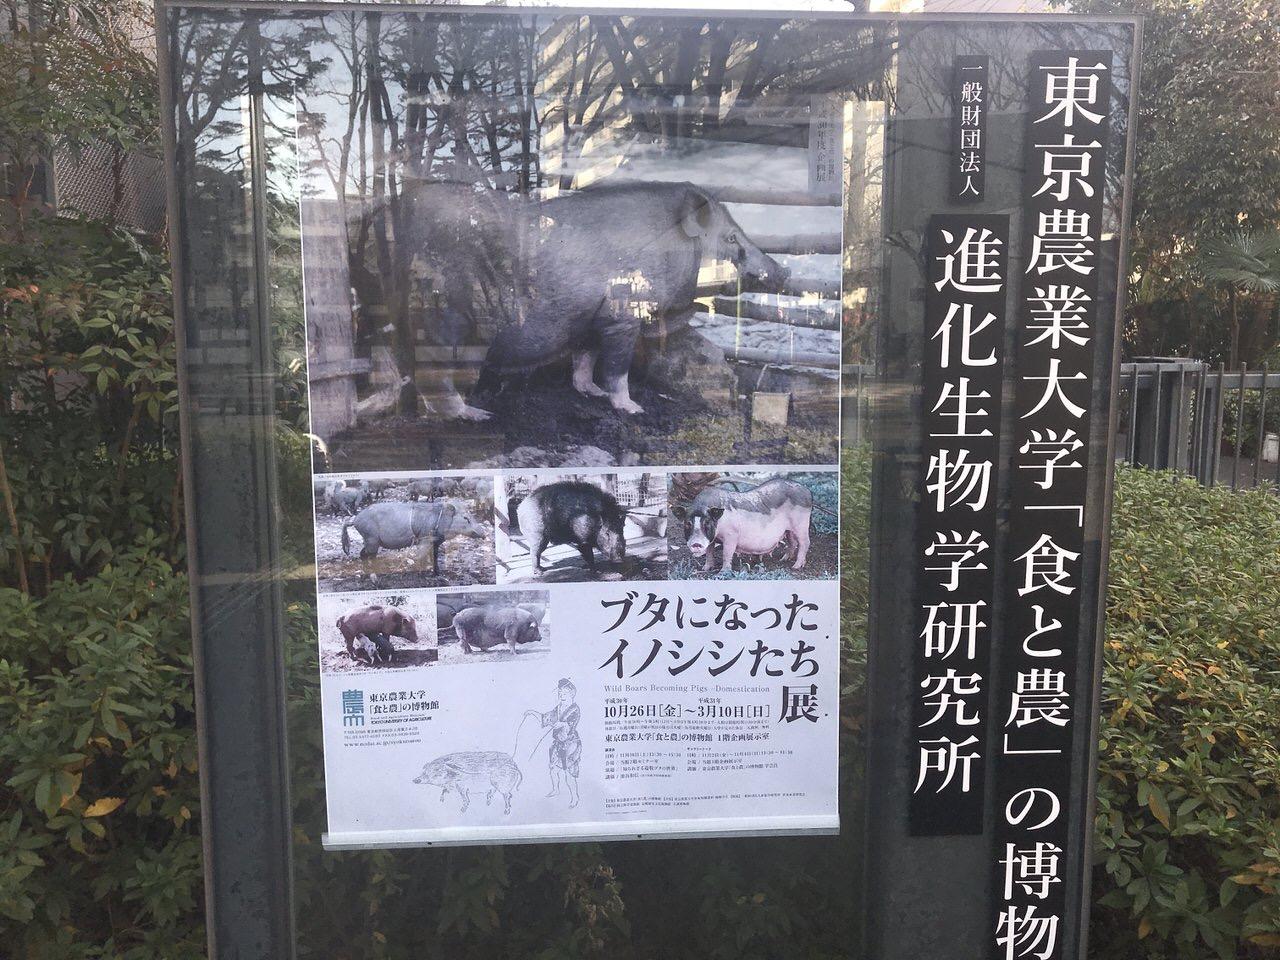 博物館の看板